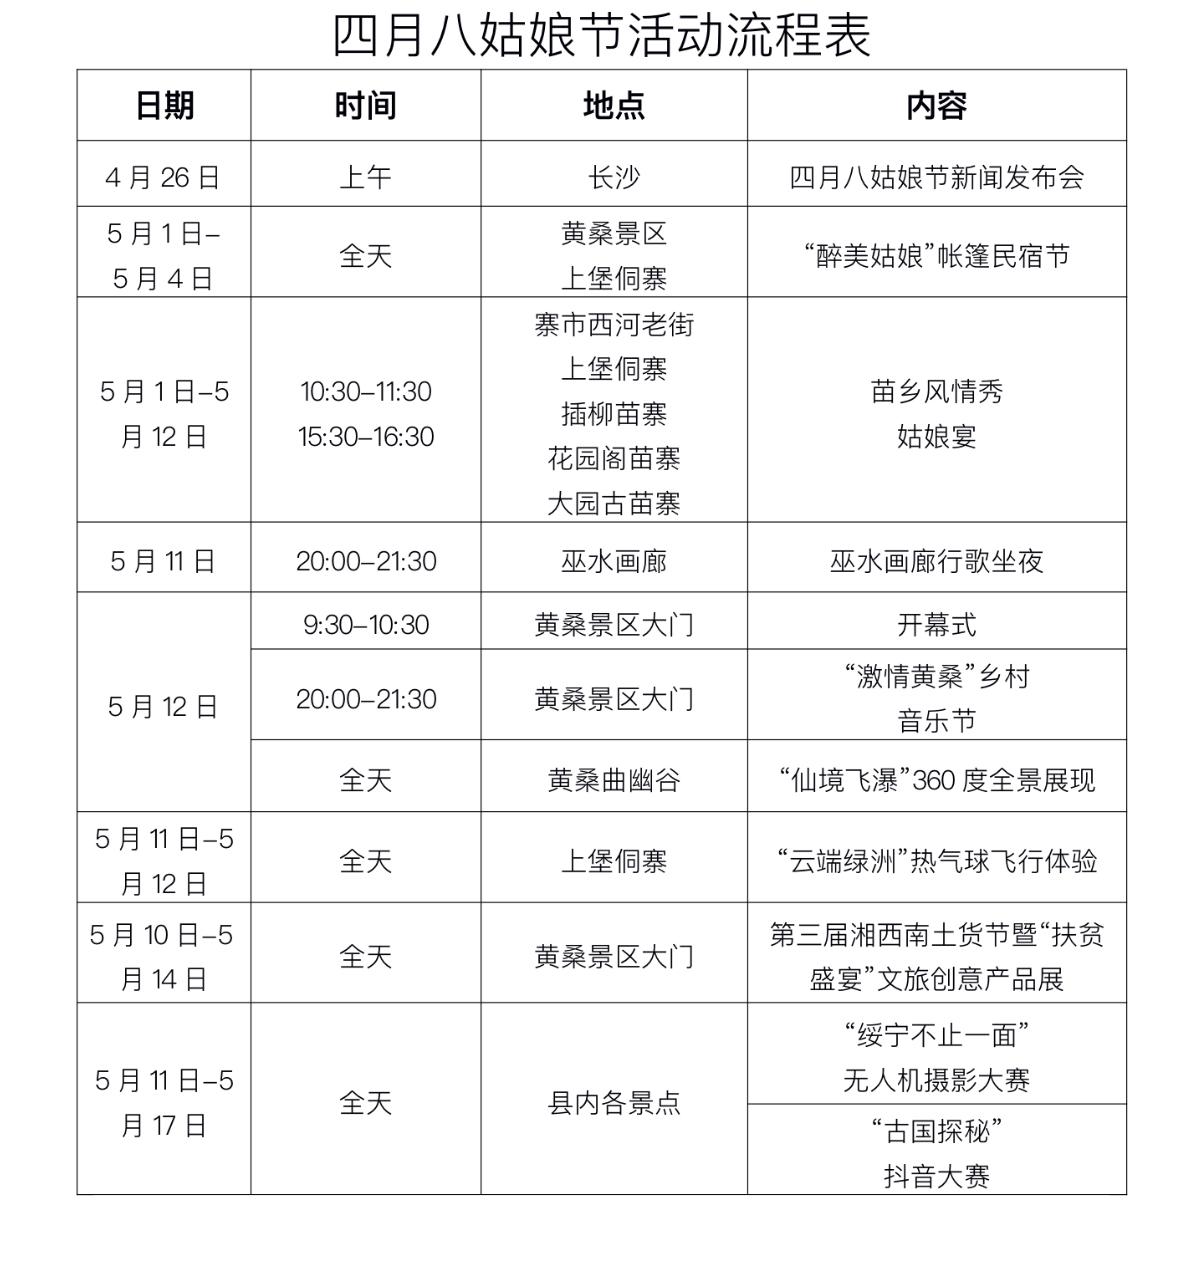 """吃乌饭,祭女祖, 5月去绥宁看苗族""""妇女节""""有多精彩 新湖南www.hunanabc.com"""